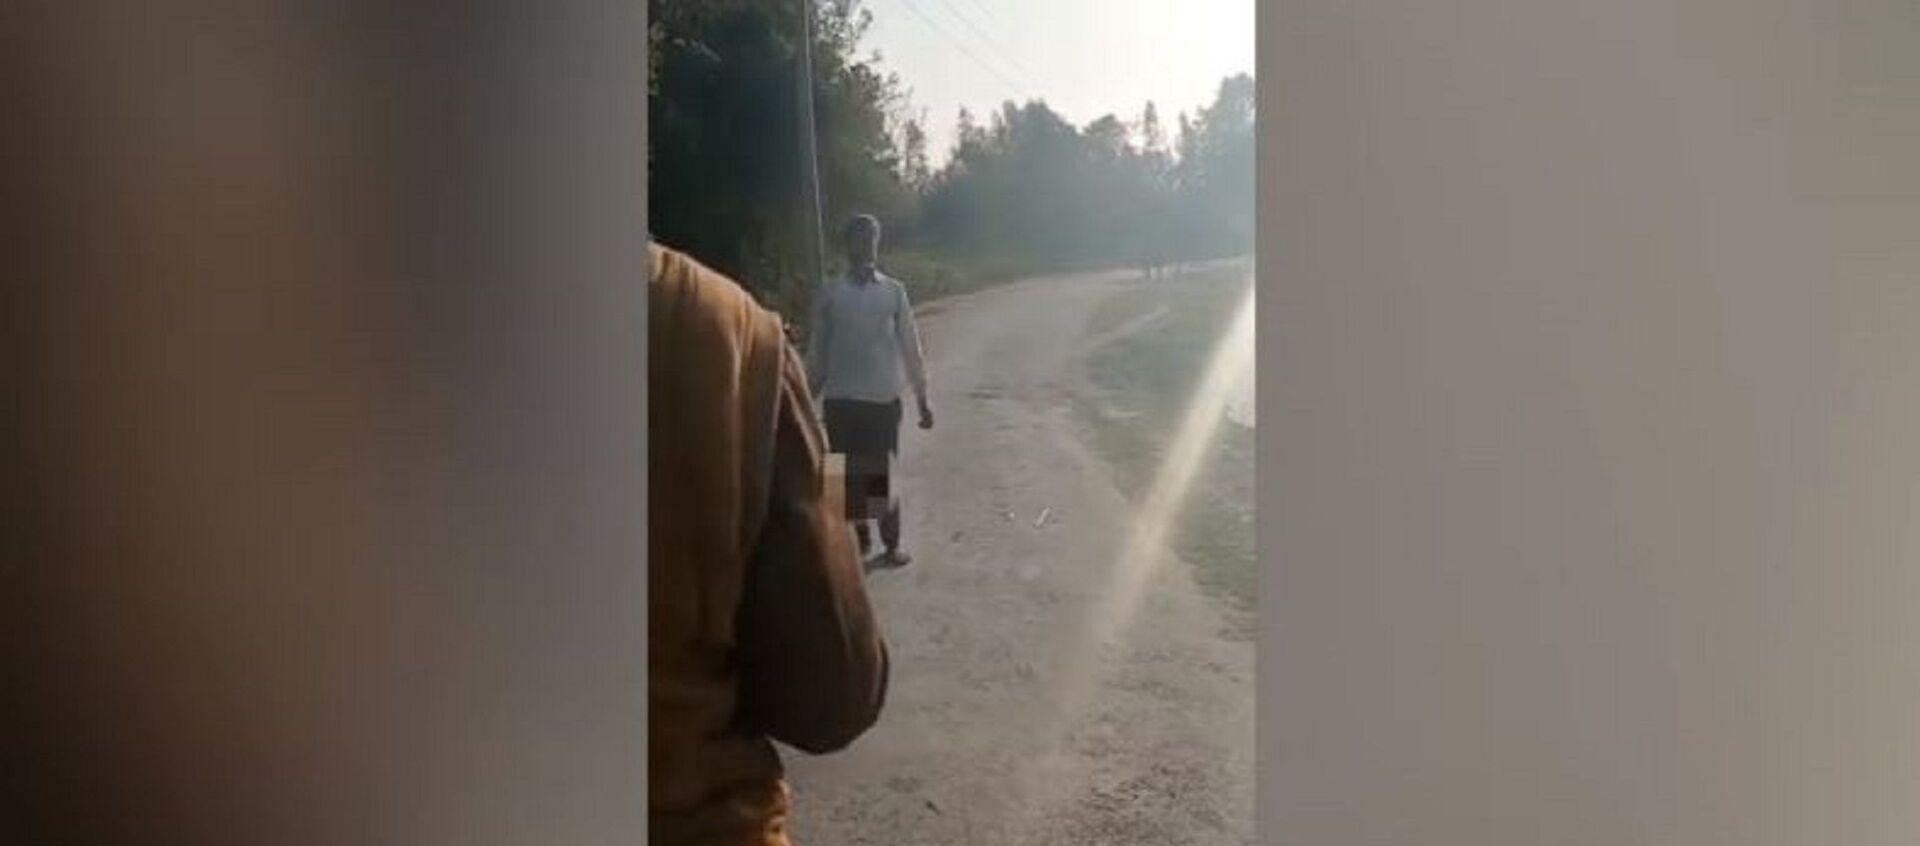 Φρίκη στην Ινδία: Αποκεφάλισε την κόρη του και πήγε το κεφάλι της στο αστυνομικό τμήμα - Sputnik Ελλάδα, 1920, 04.03.2021